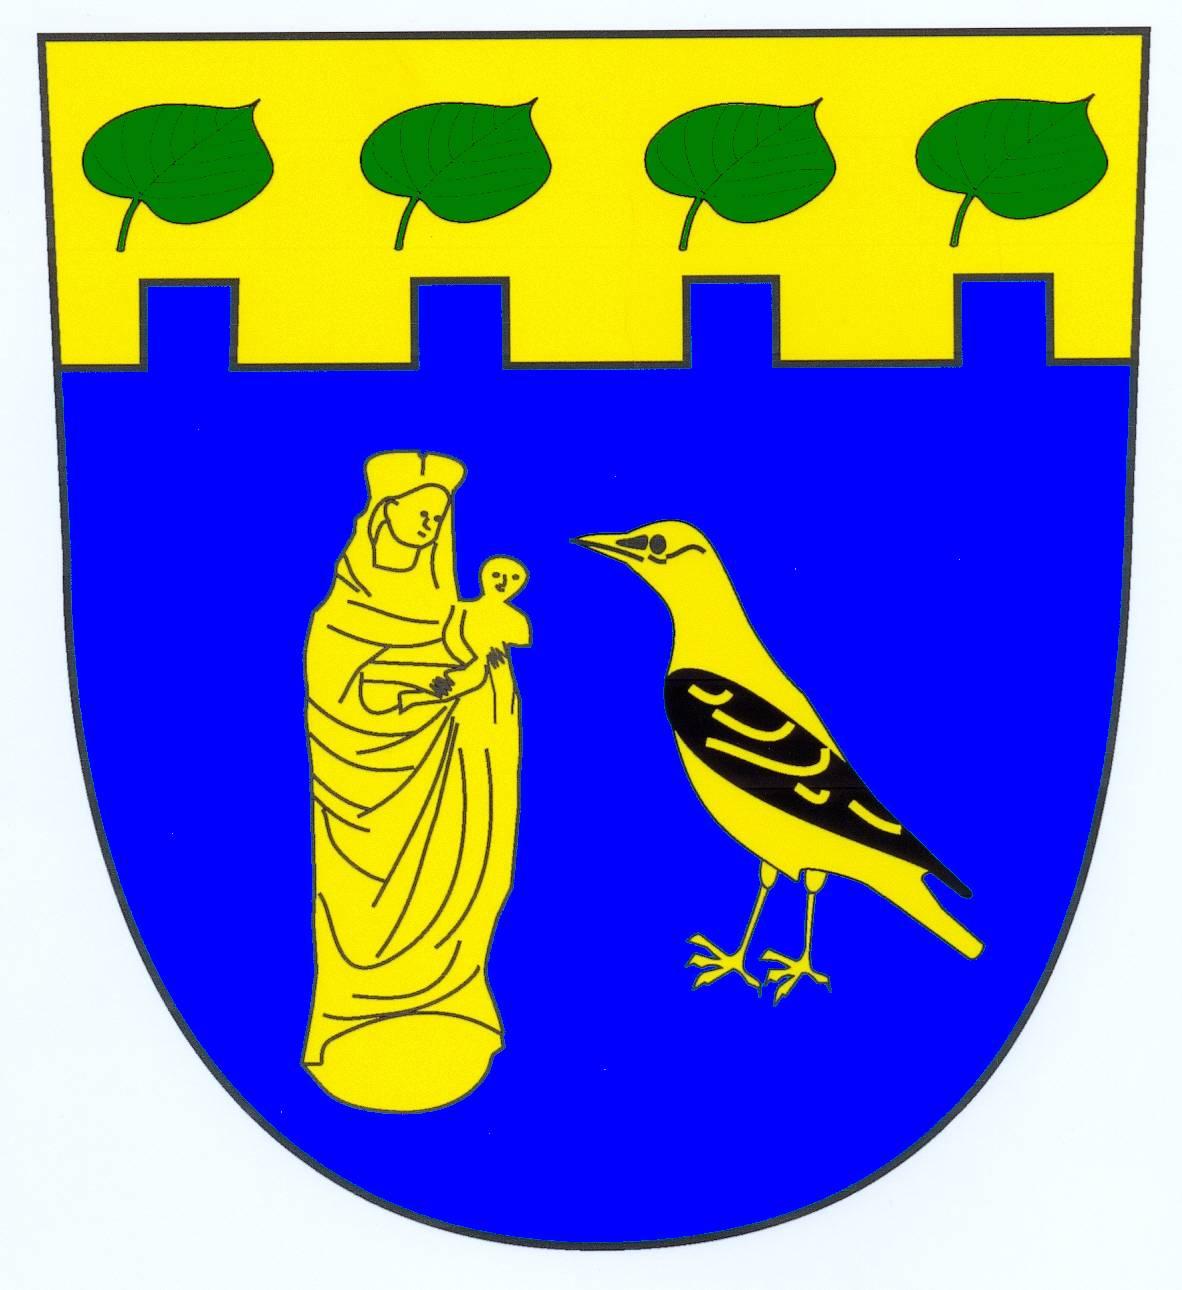 Wappen GemeindeGudow, Kreis Herzogtum Lauenburg